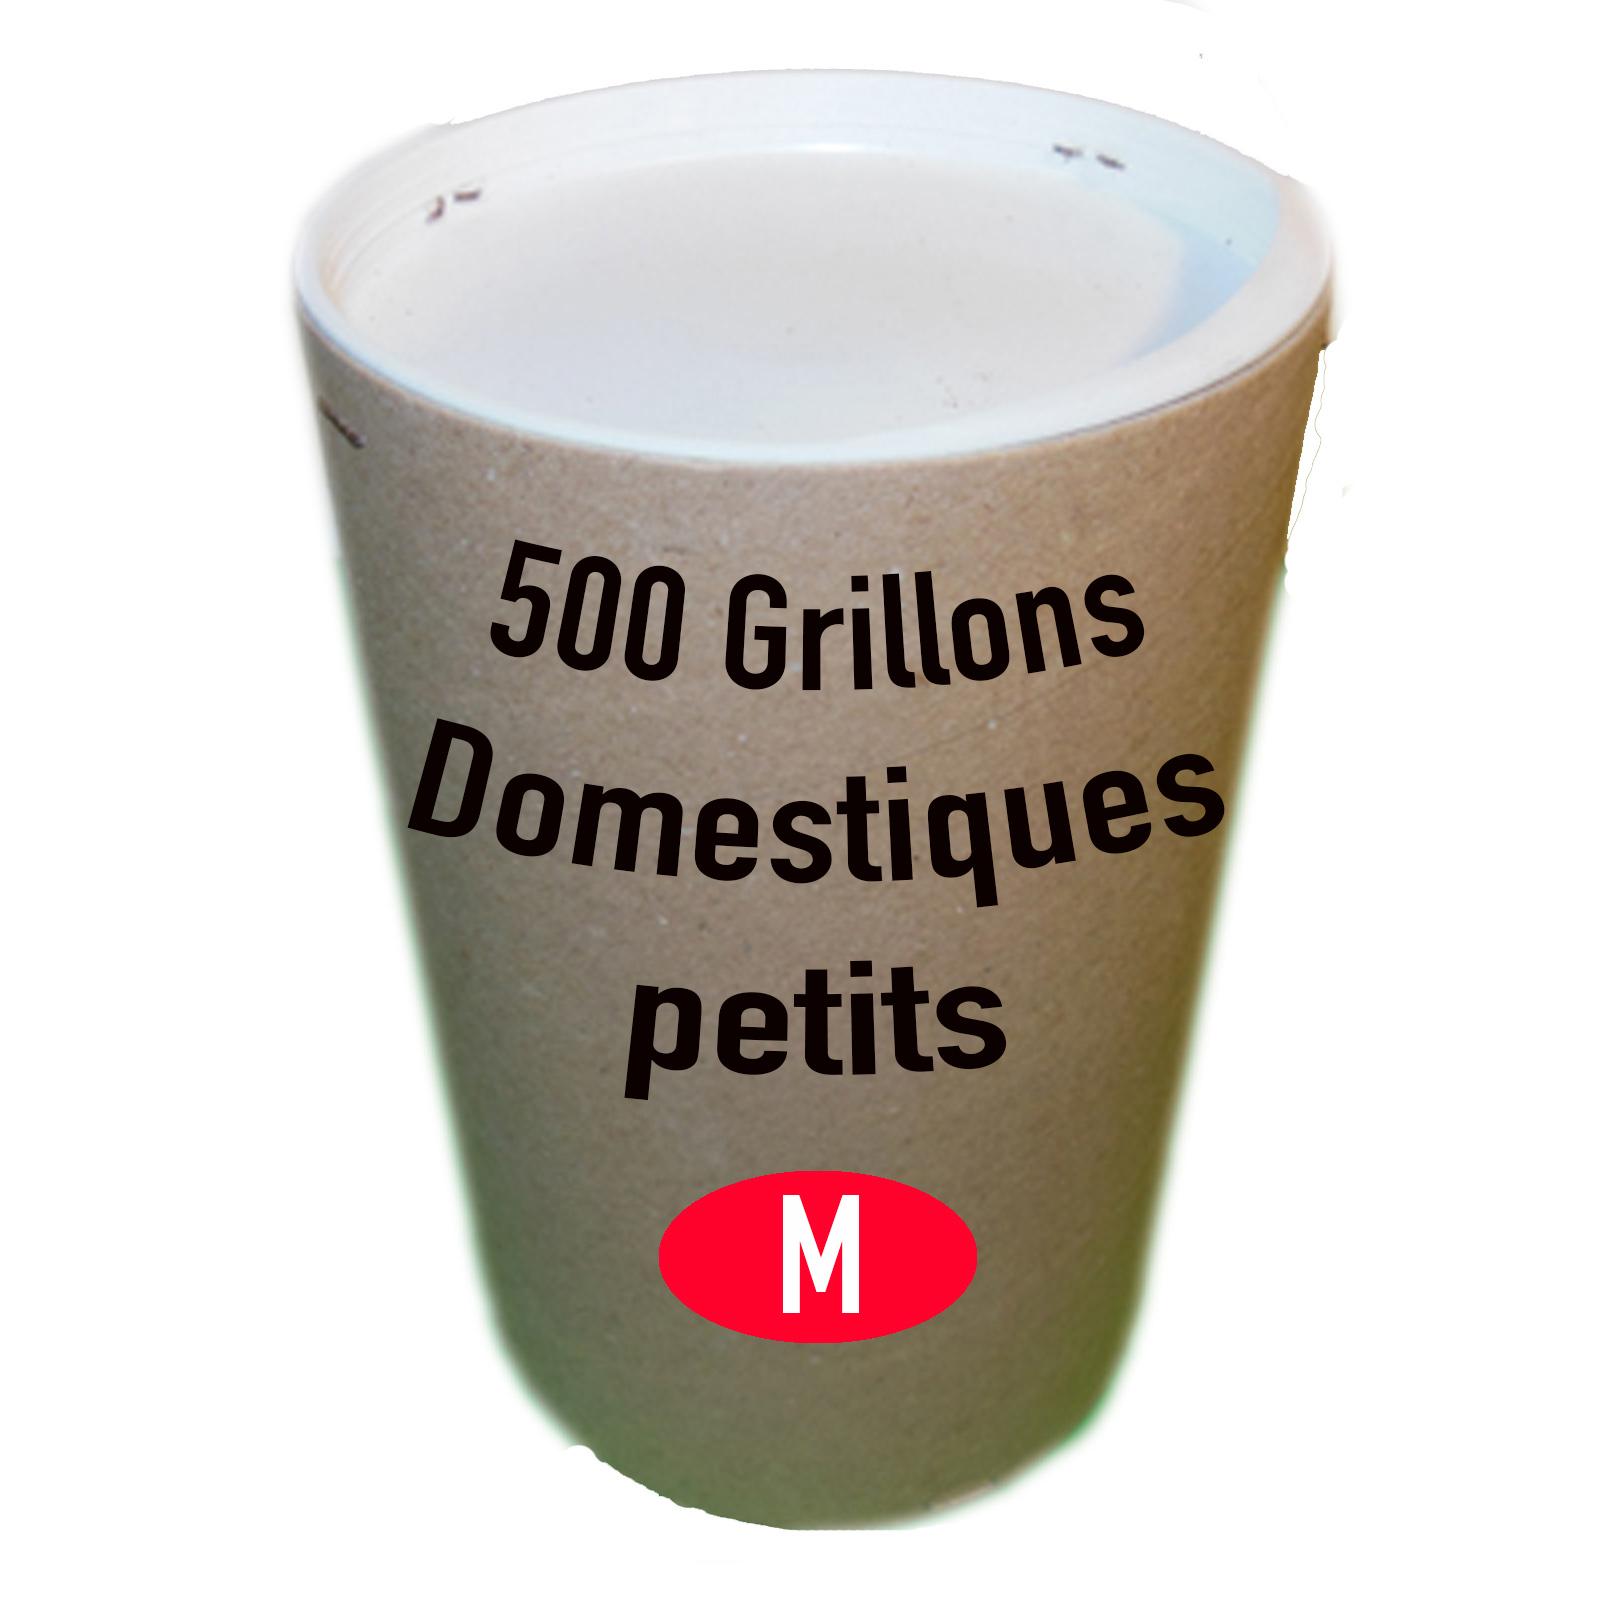 Grillons domestiques moyen par 500